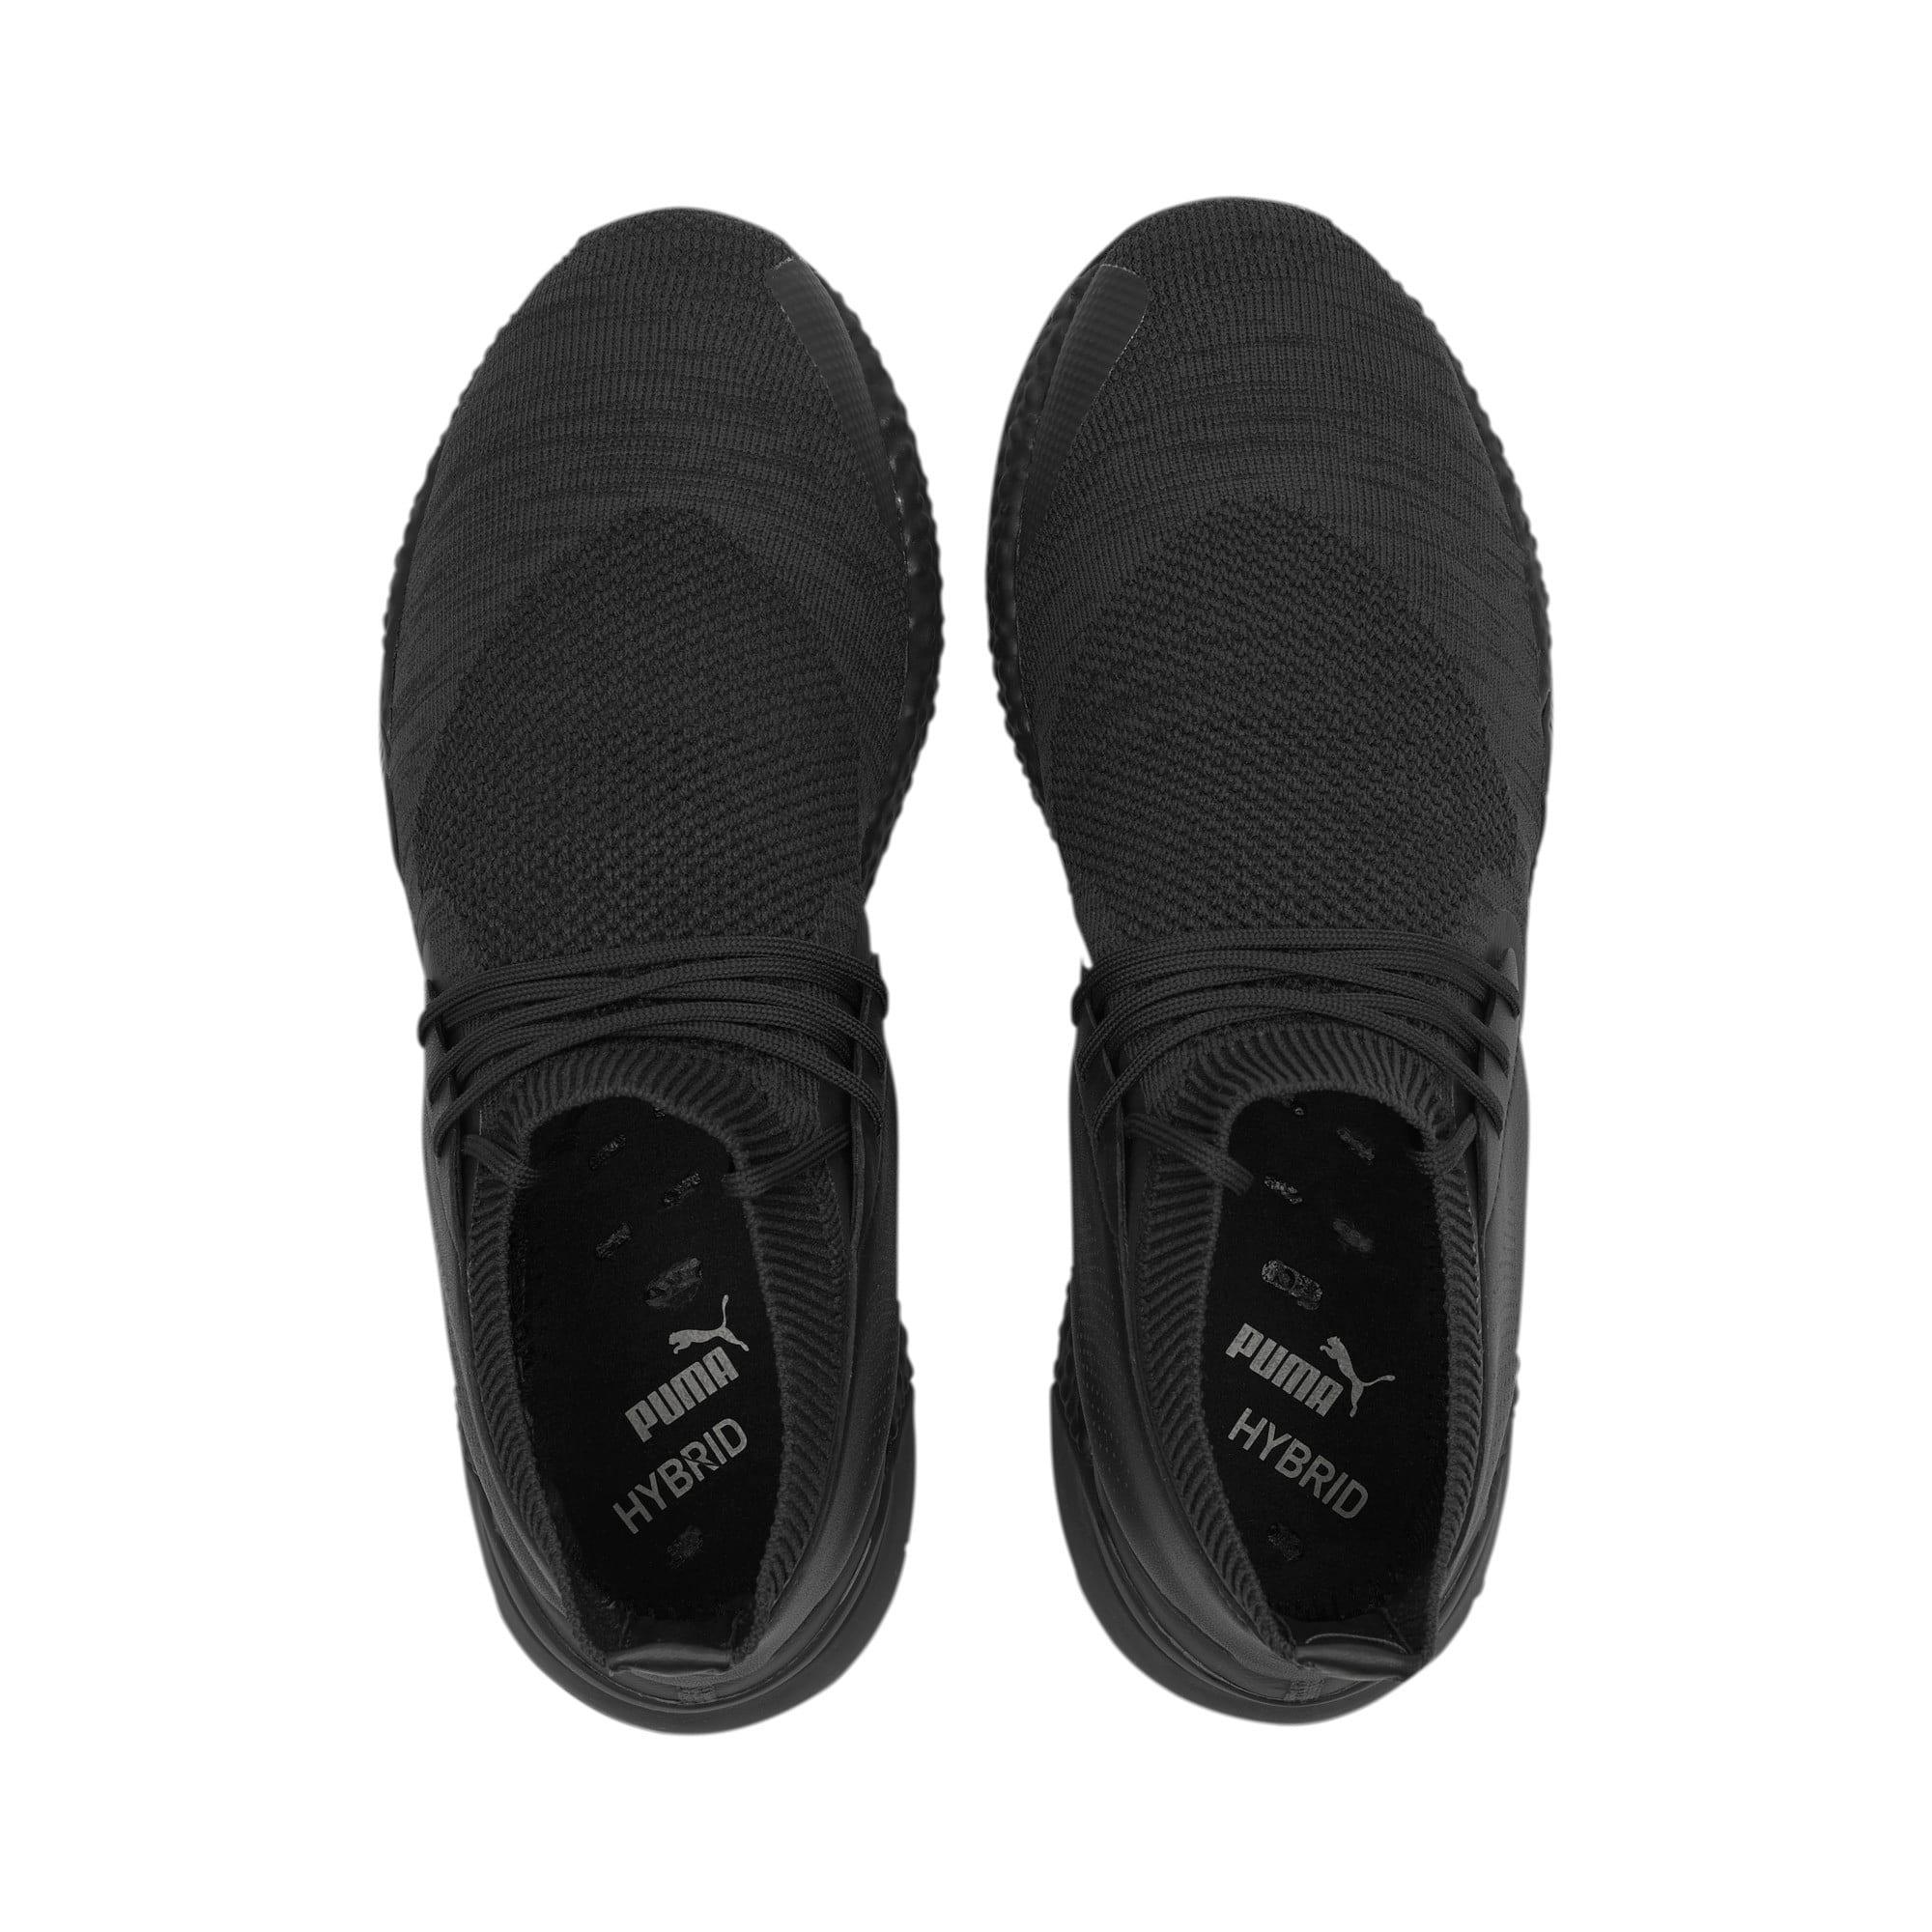 Thumbnail 7 of Porsche Design HYBRID evoKNIT Men's Running Shoes, Jet Black-Jet Black-JetBlack, medium